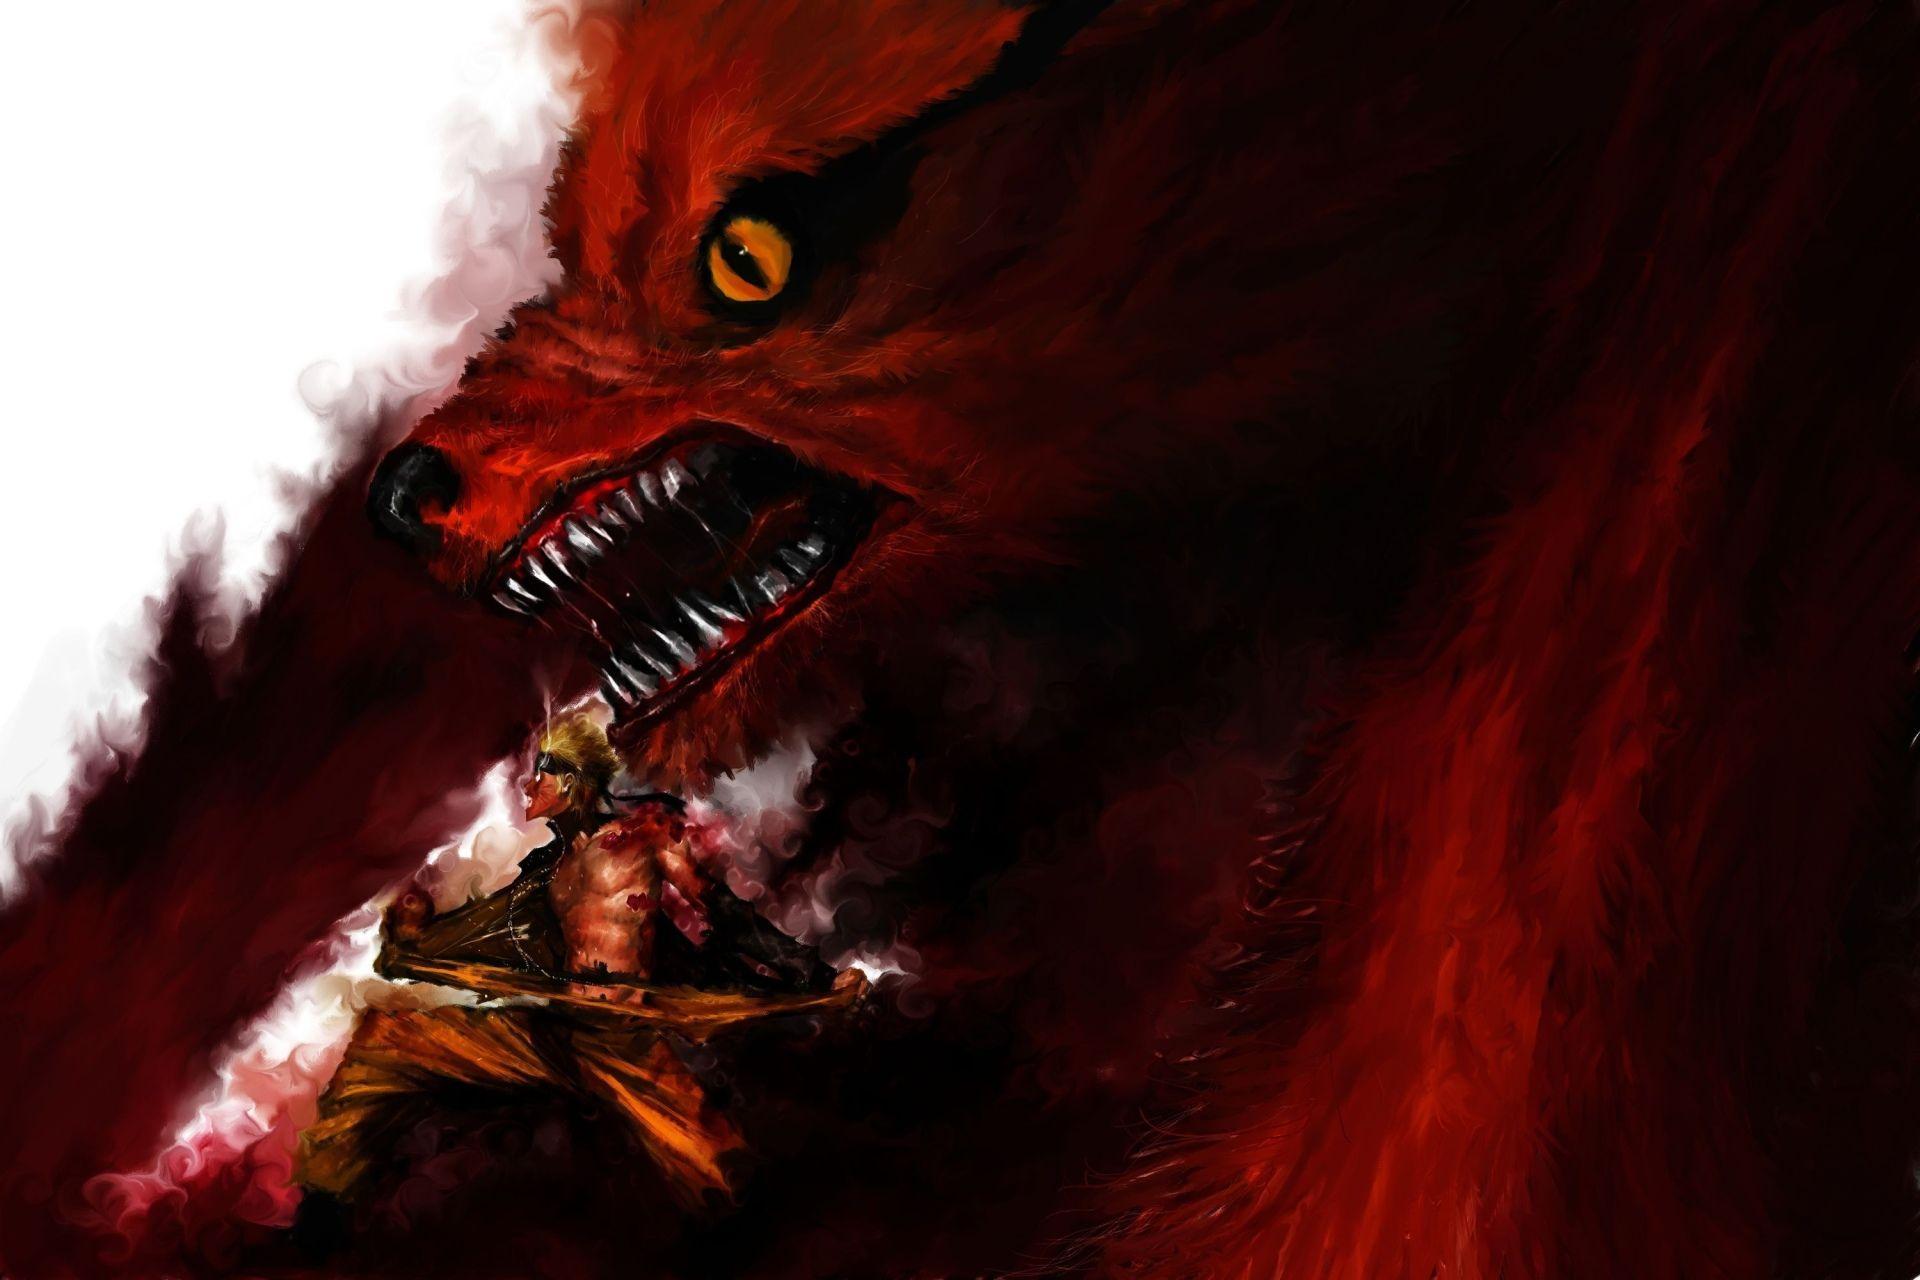 Great Wallpaper Naruto Fox - d335d53da5299d970f3080bf6e39f386  Image_182221.jpg